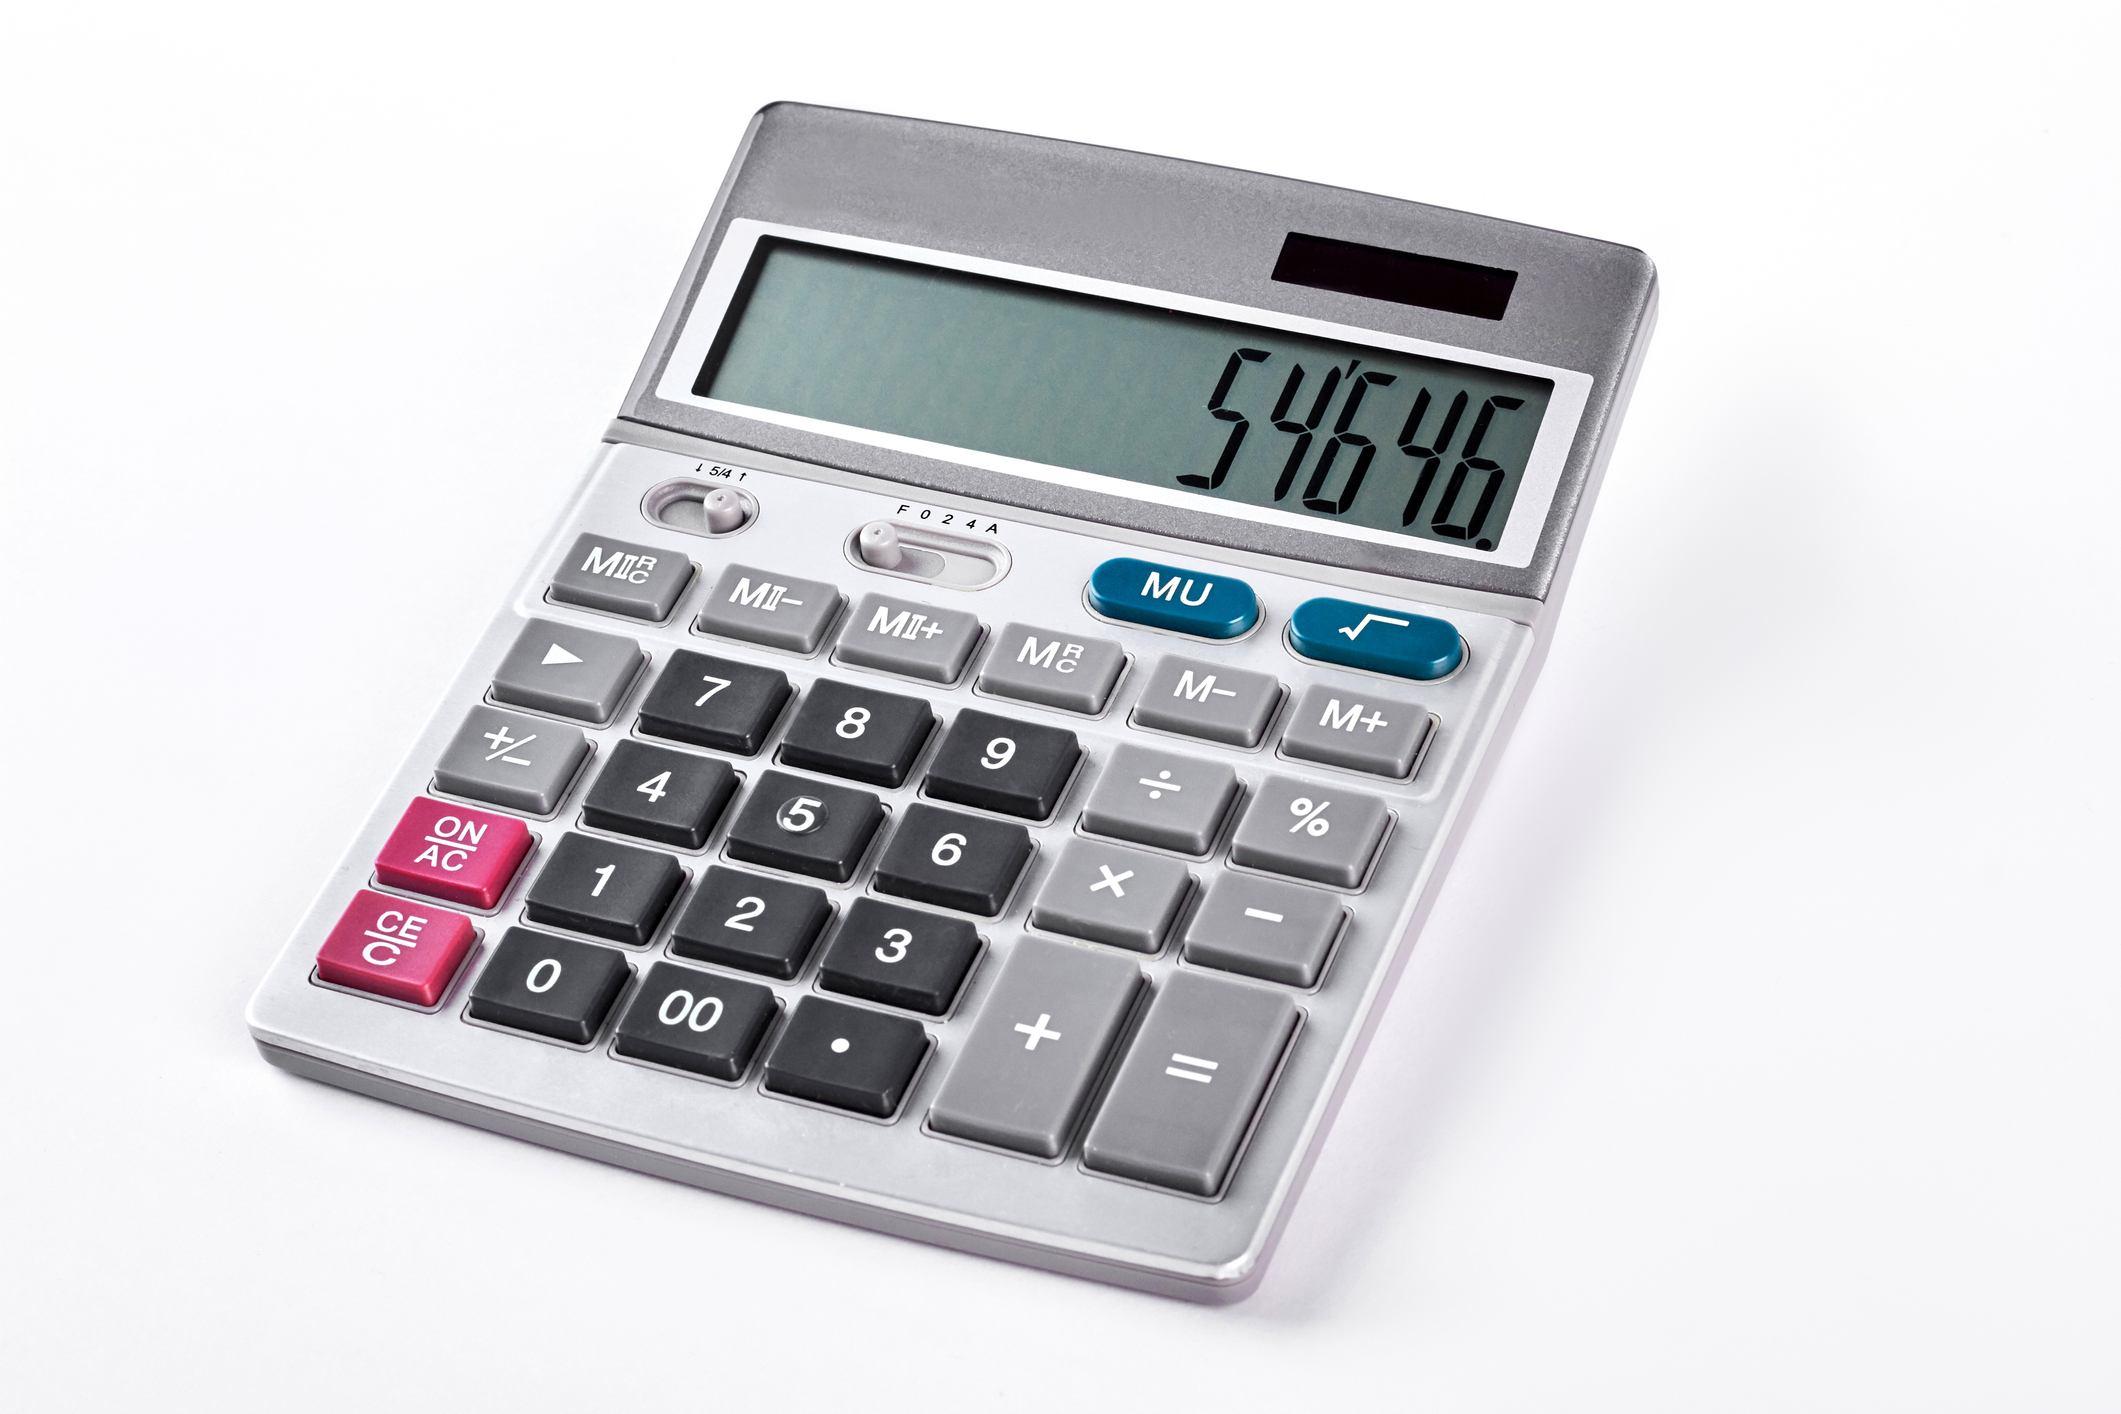 Silver calculator